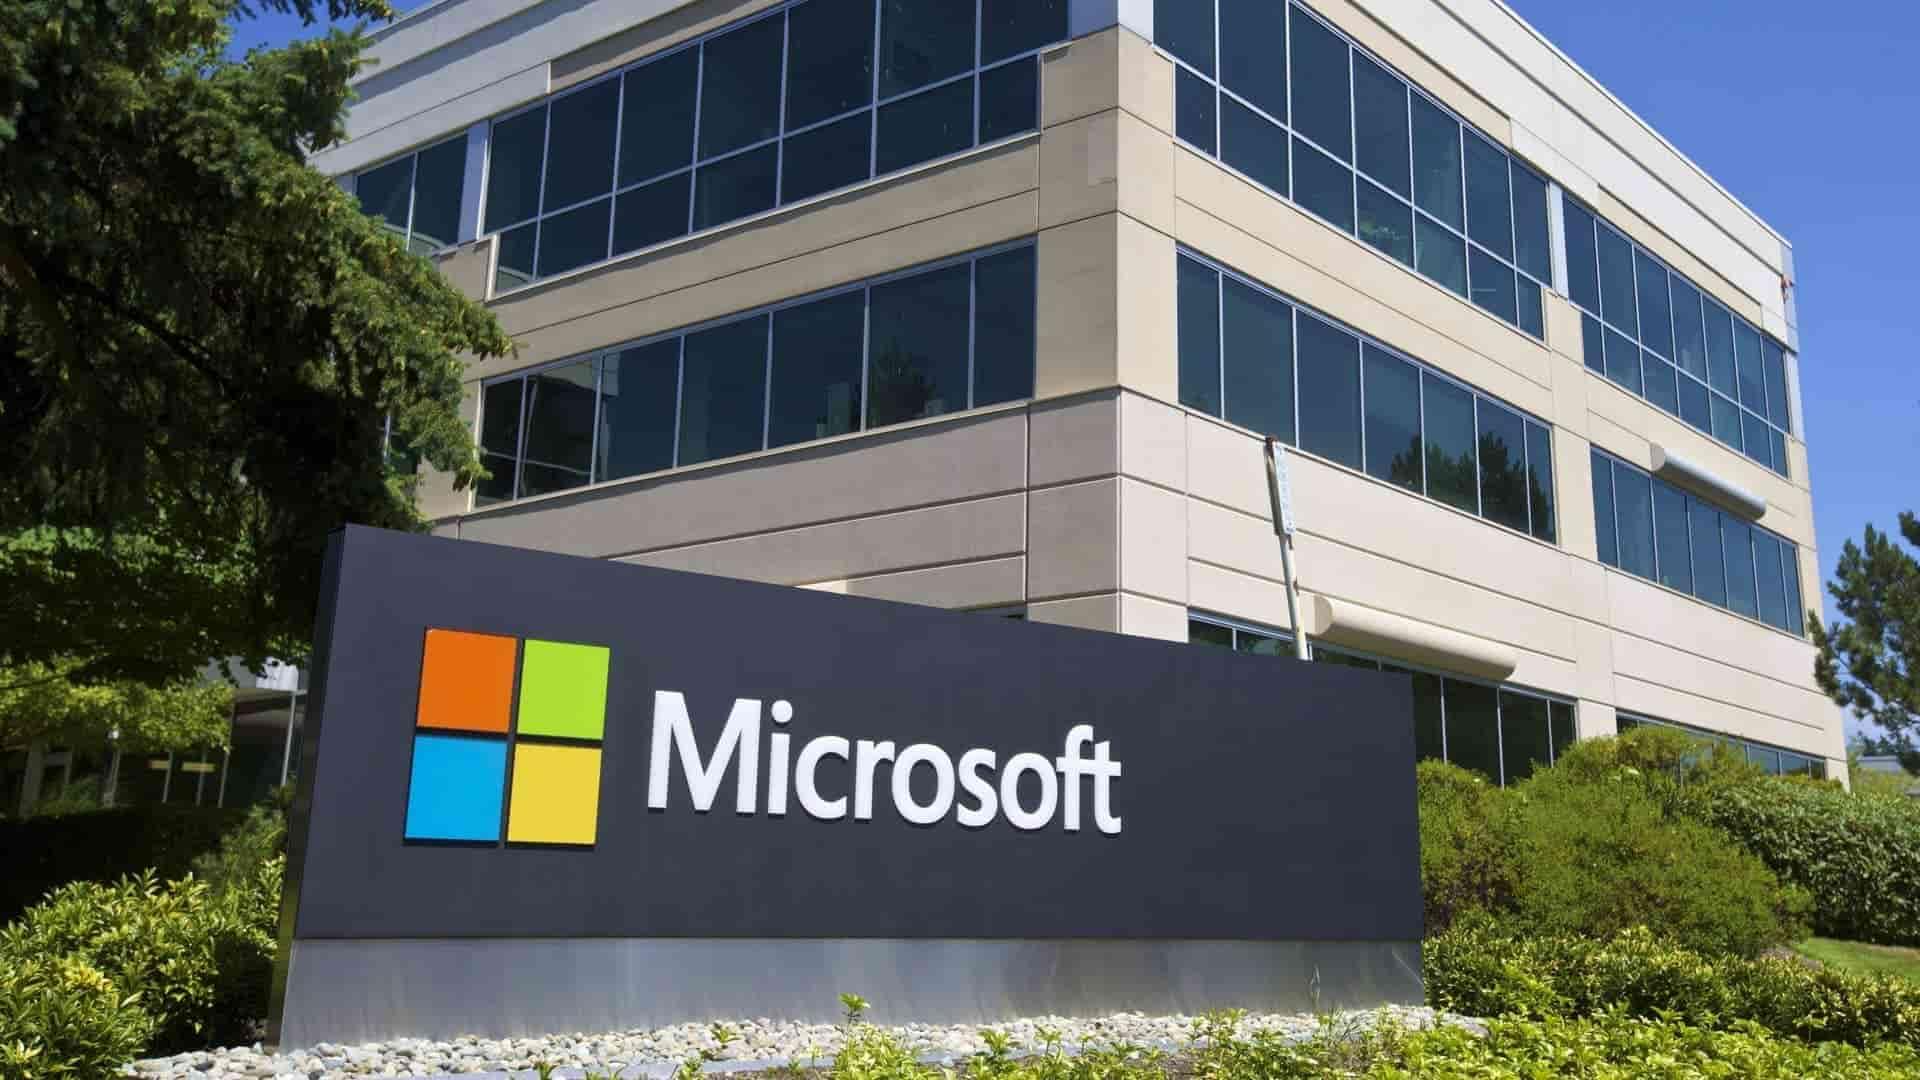 Microsofts cloud